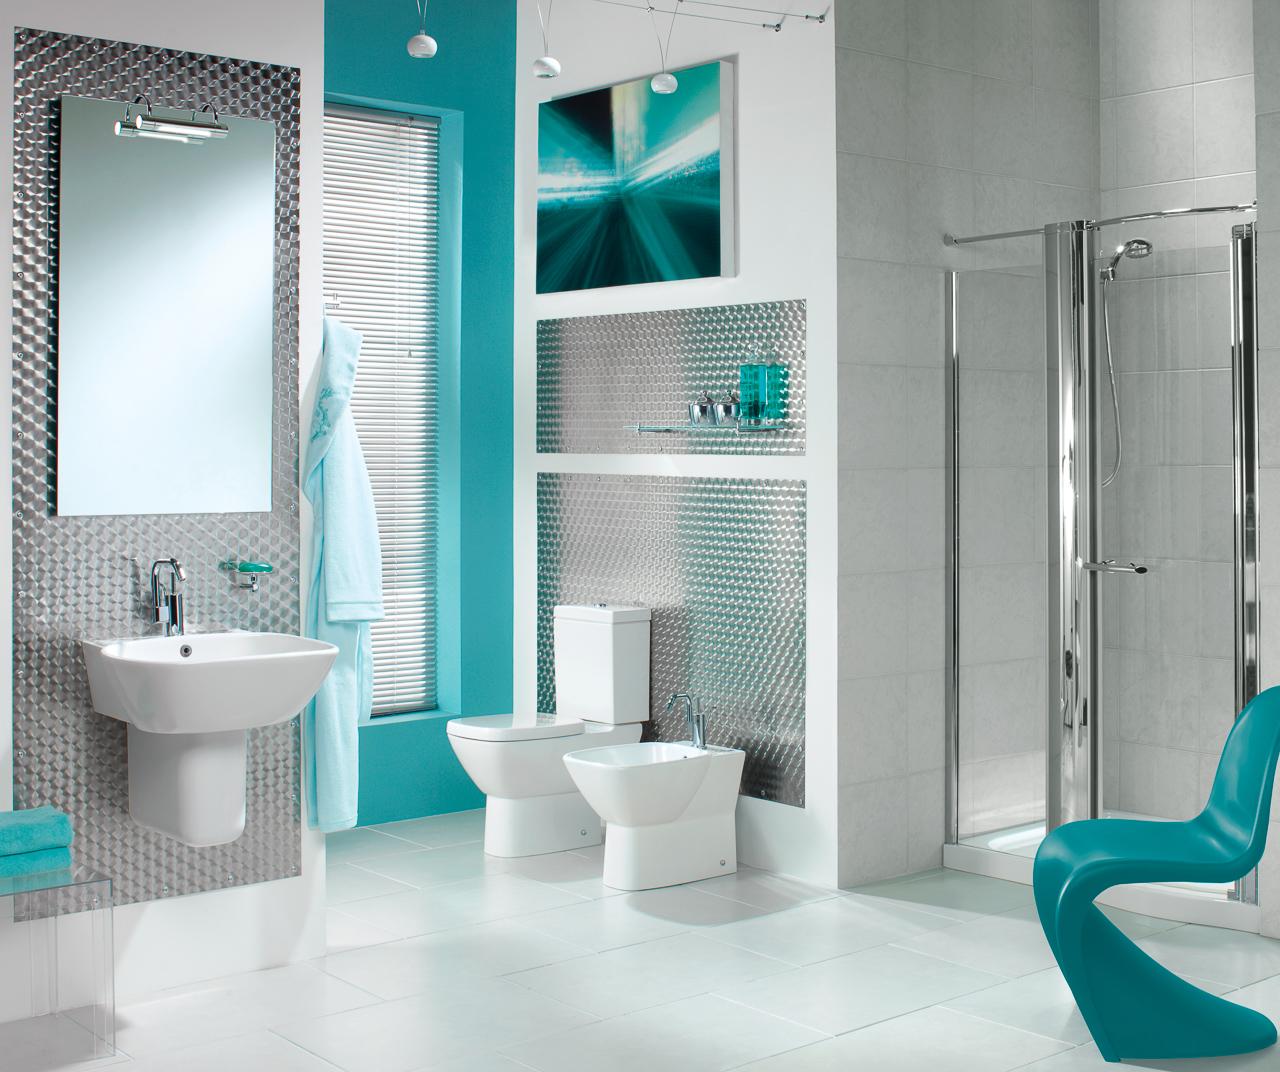 Silverdale Bathrooms: Ascot Main